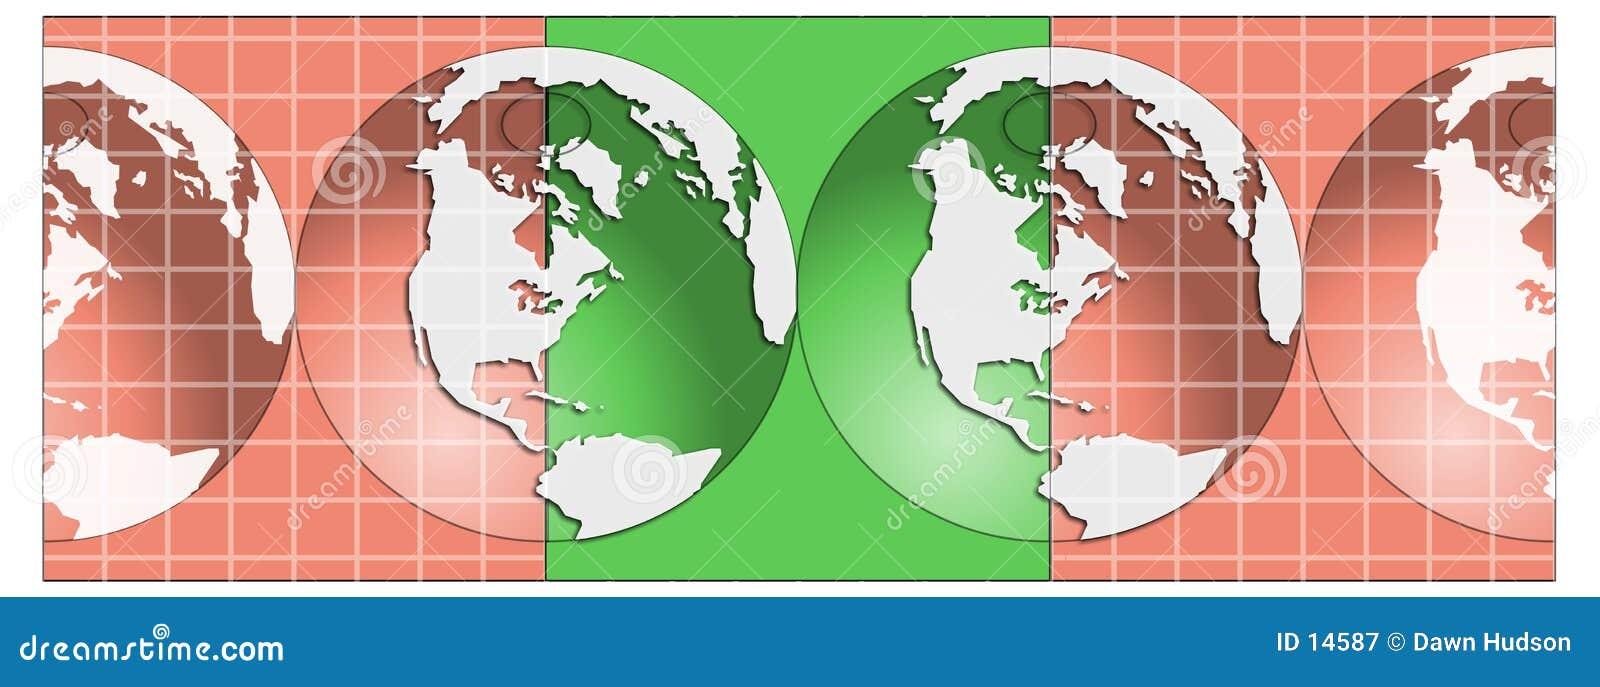 иллюстрация глобусов